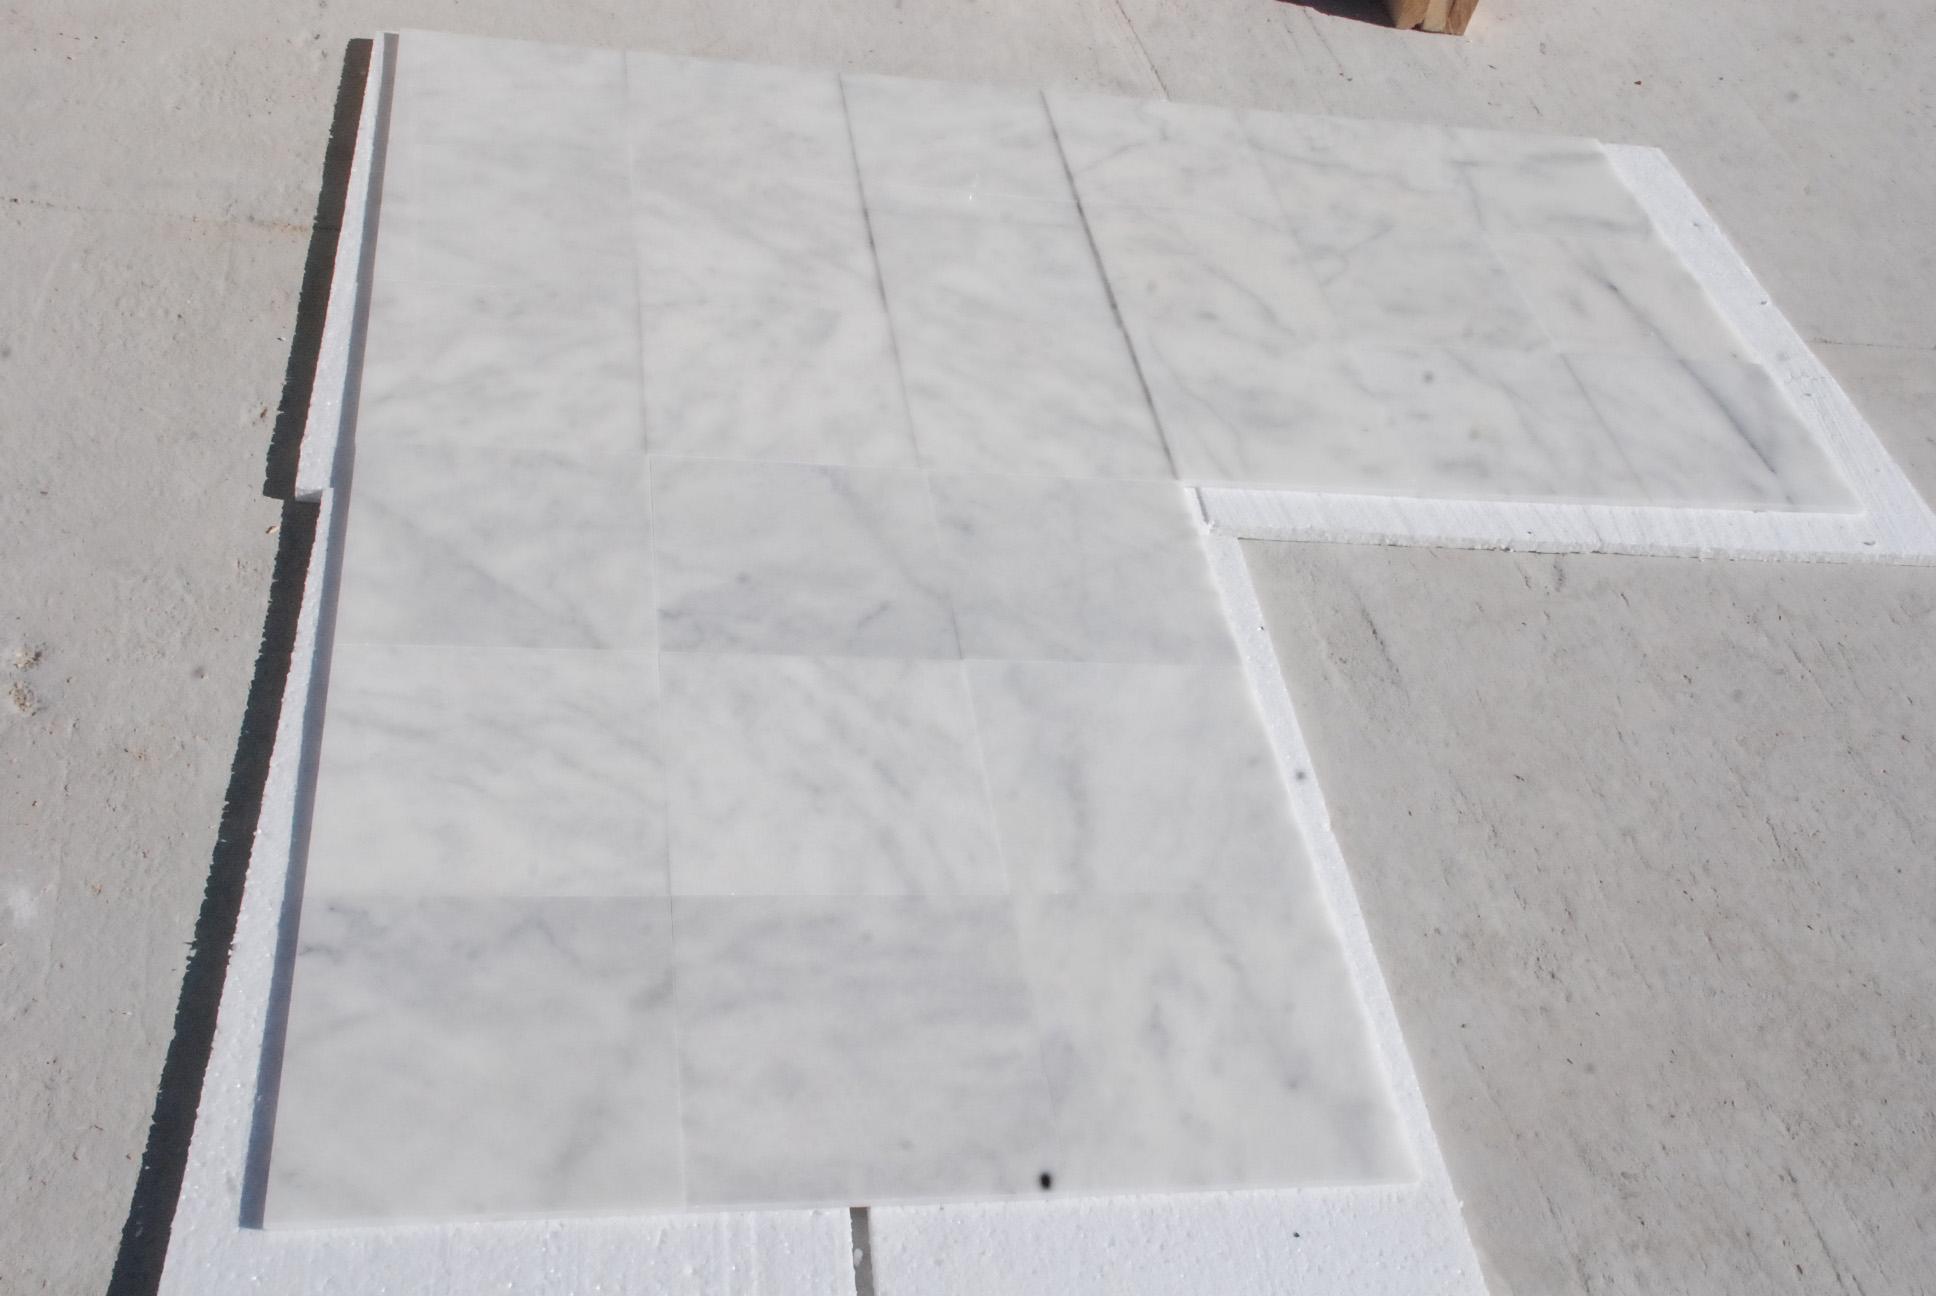 Bianco Ibiza White Marble Tiles